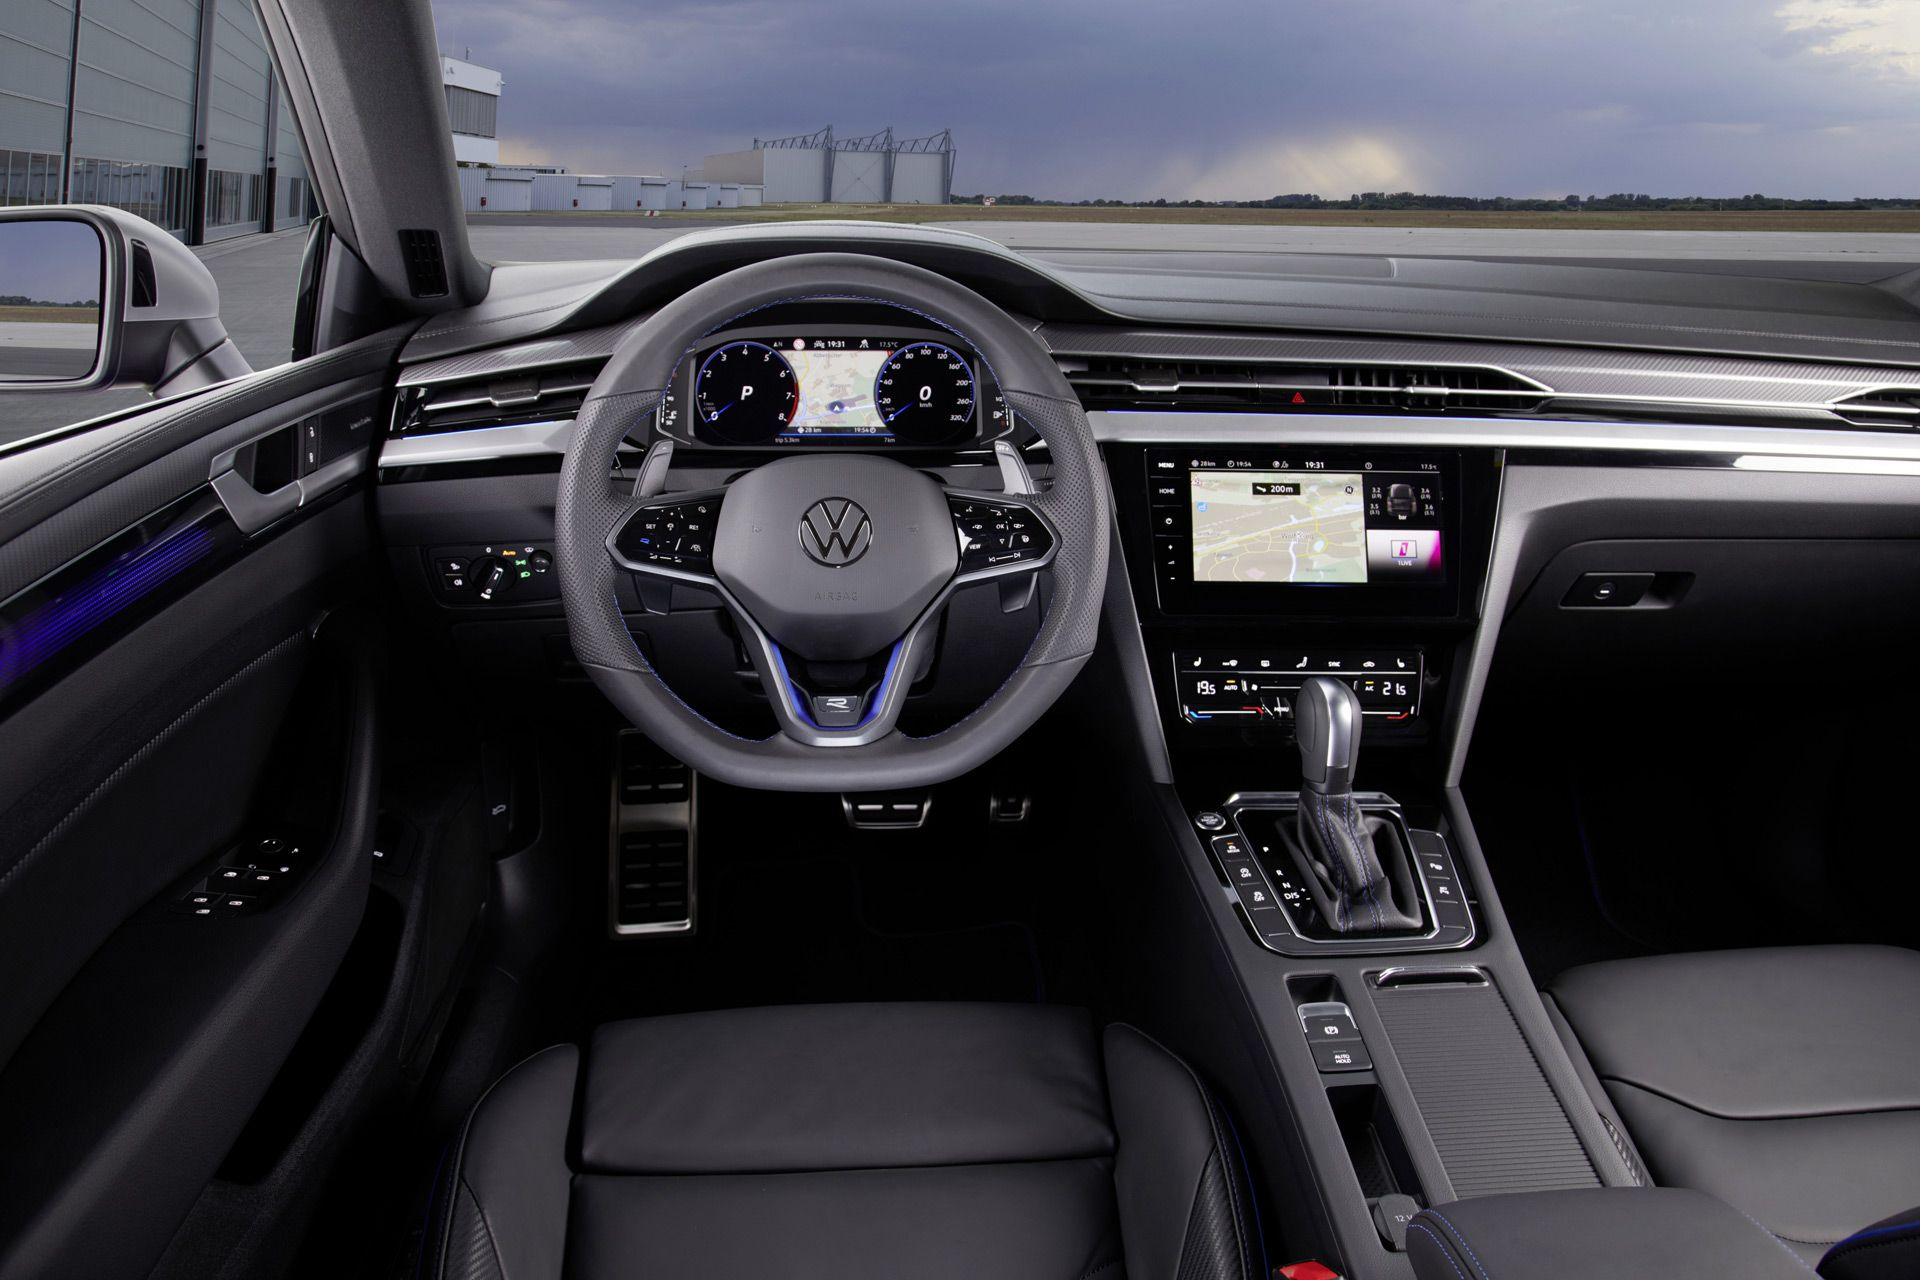 2021 Volkswagen Arteon R Arrives With 316 Horsepower Turbo 4 In 2020 Volkswagen Volkswagen Car Turbo